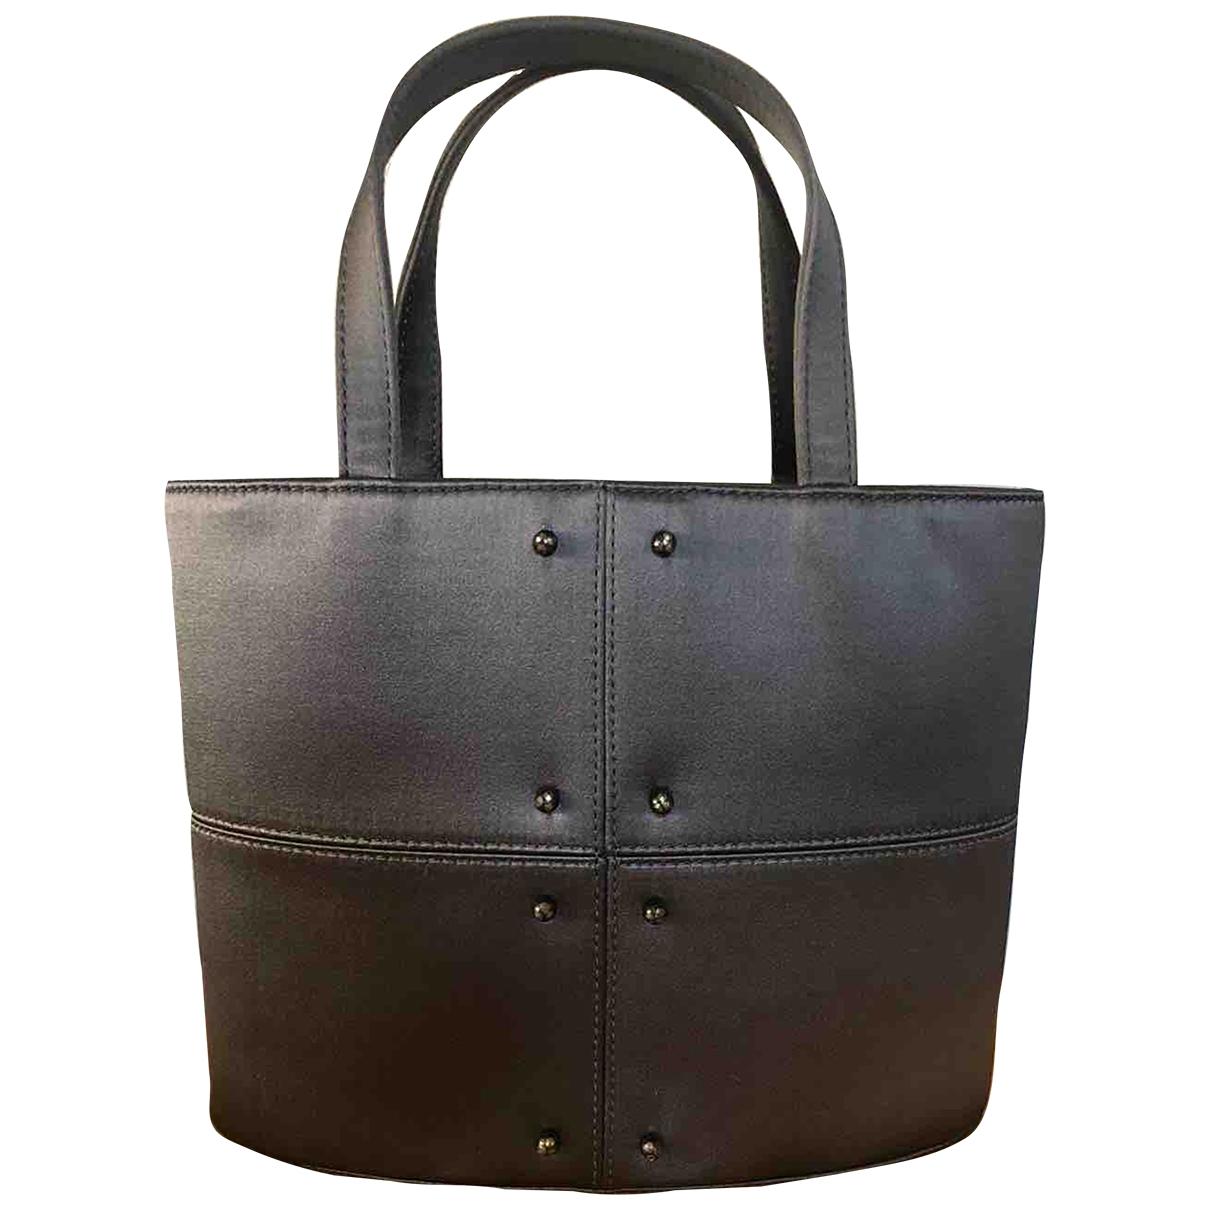 Tods \N Handtasche in  Anthrazit Seide